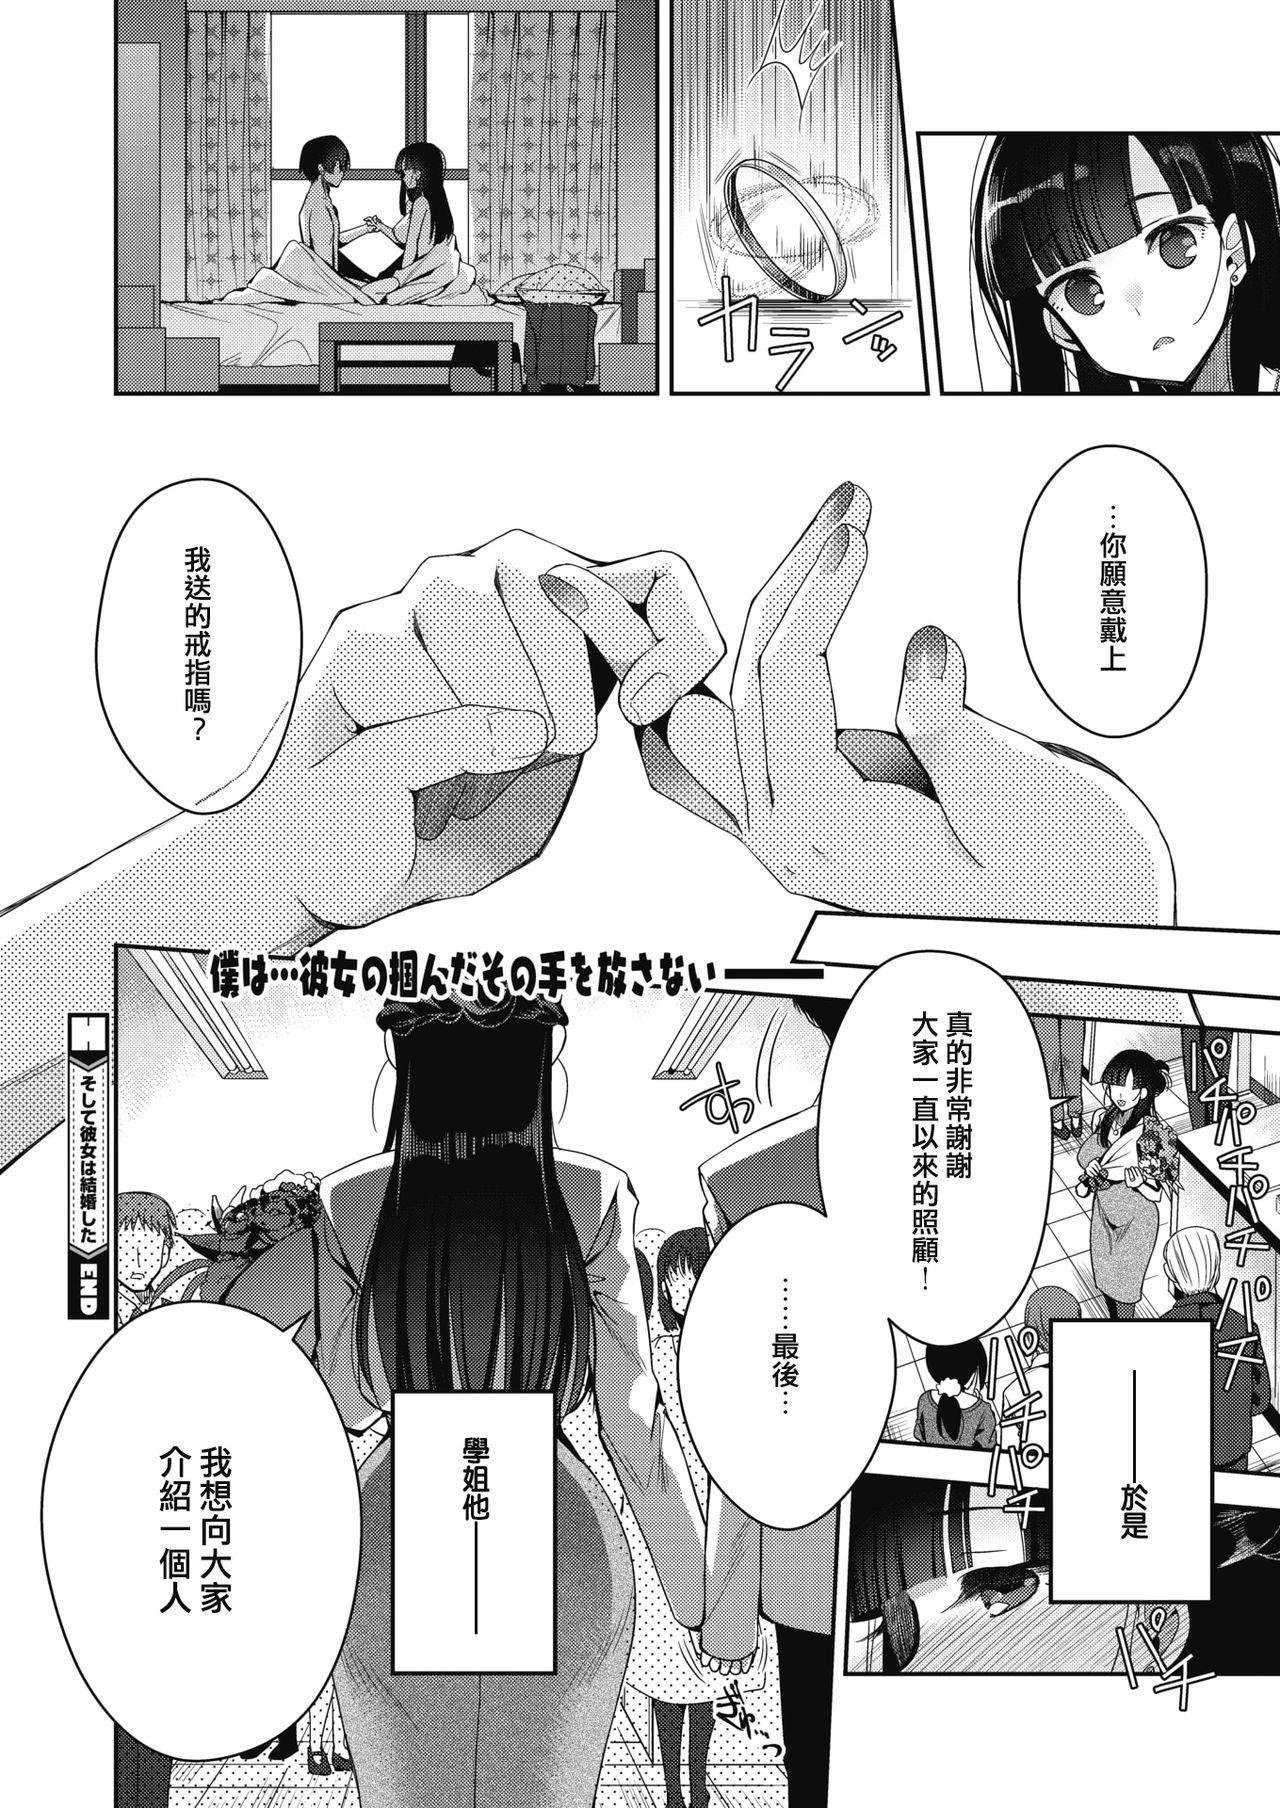 Soshite Kanojo wa Kekkon shita 27